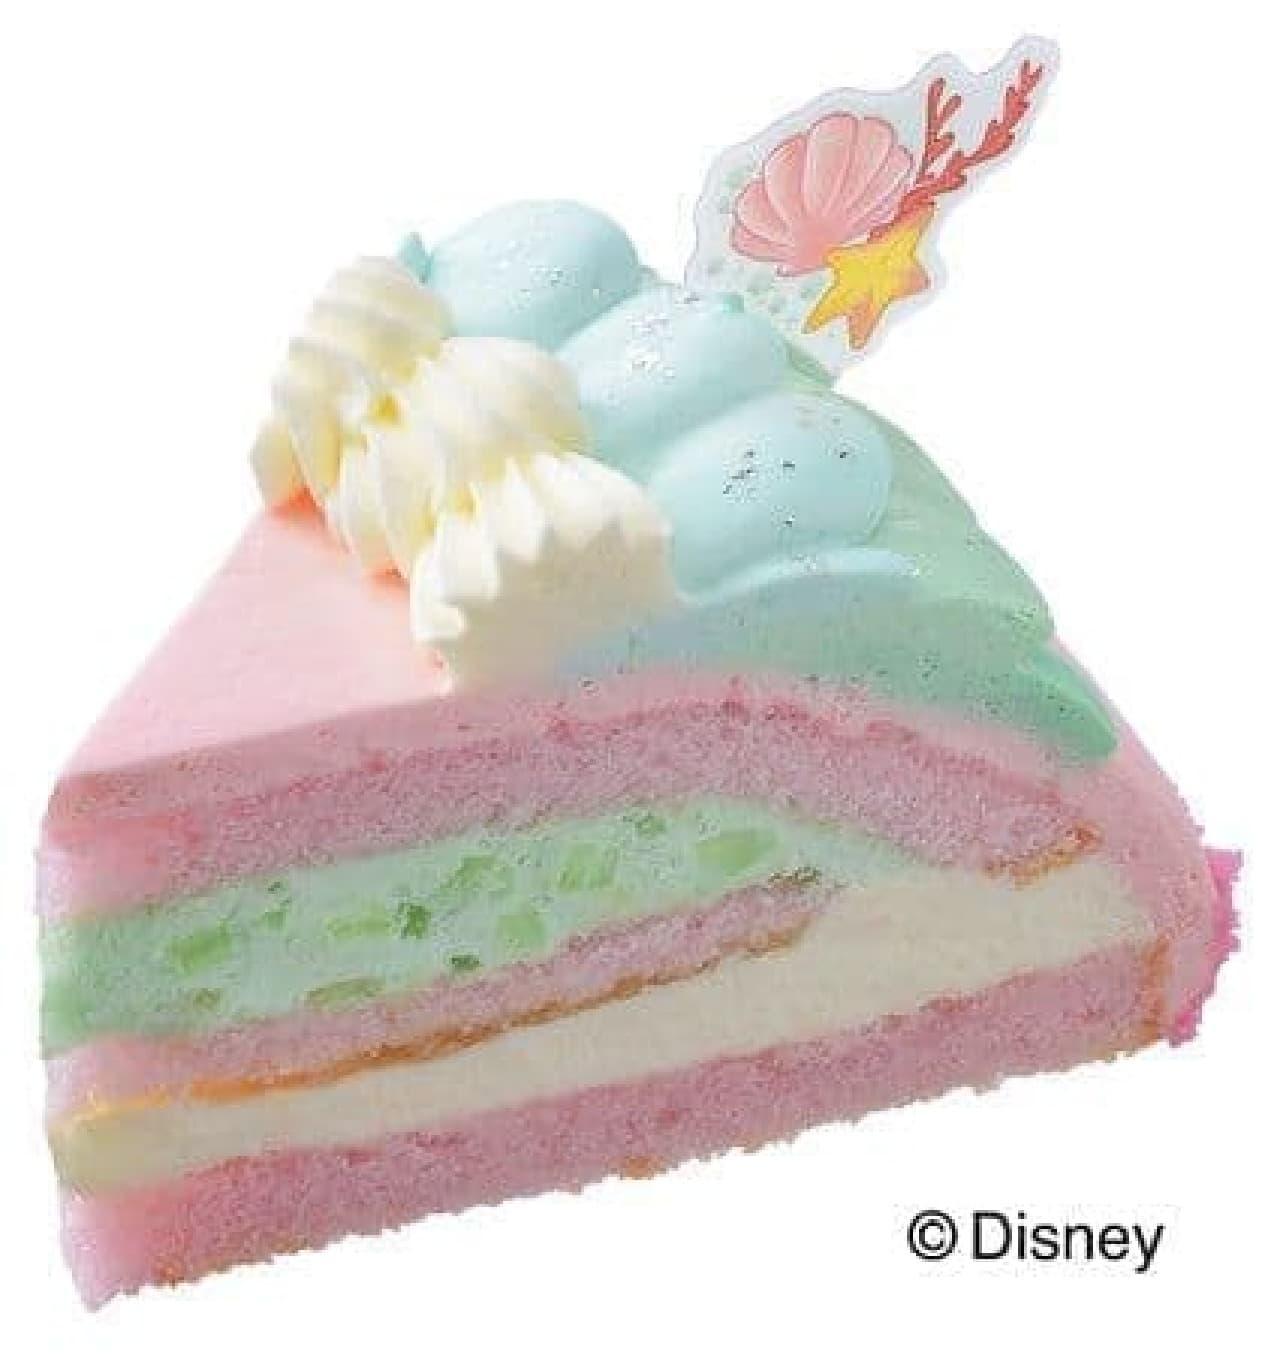 銀座コージーコーナー「<アリエル>プリンセスケーキ」